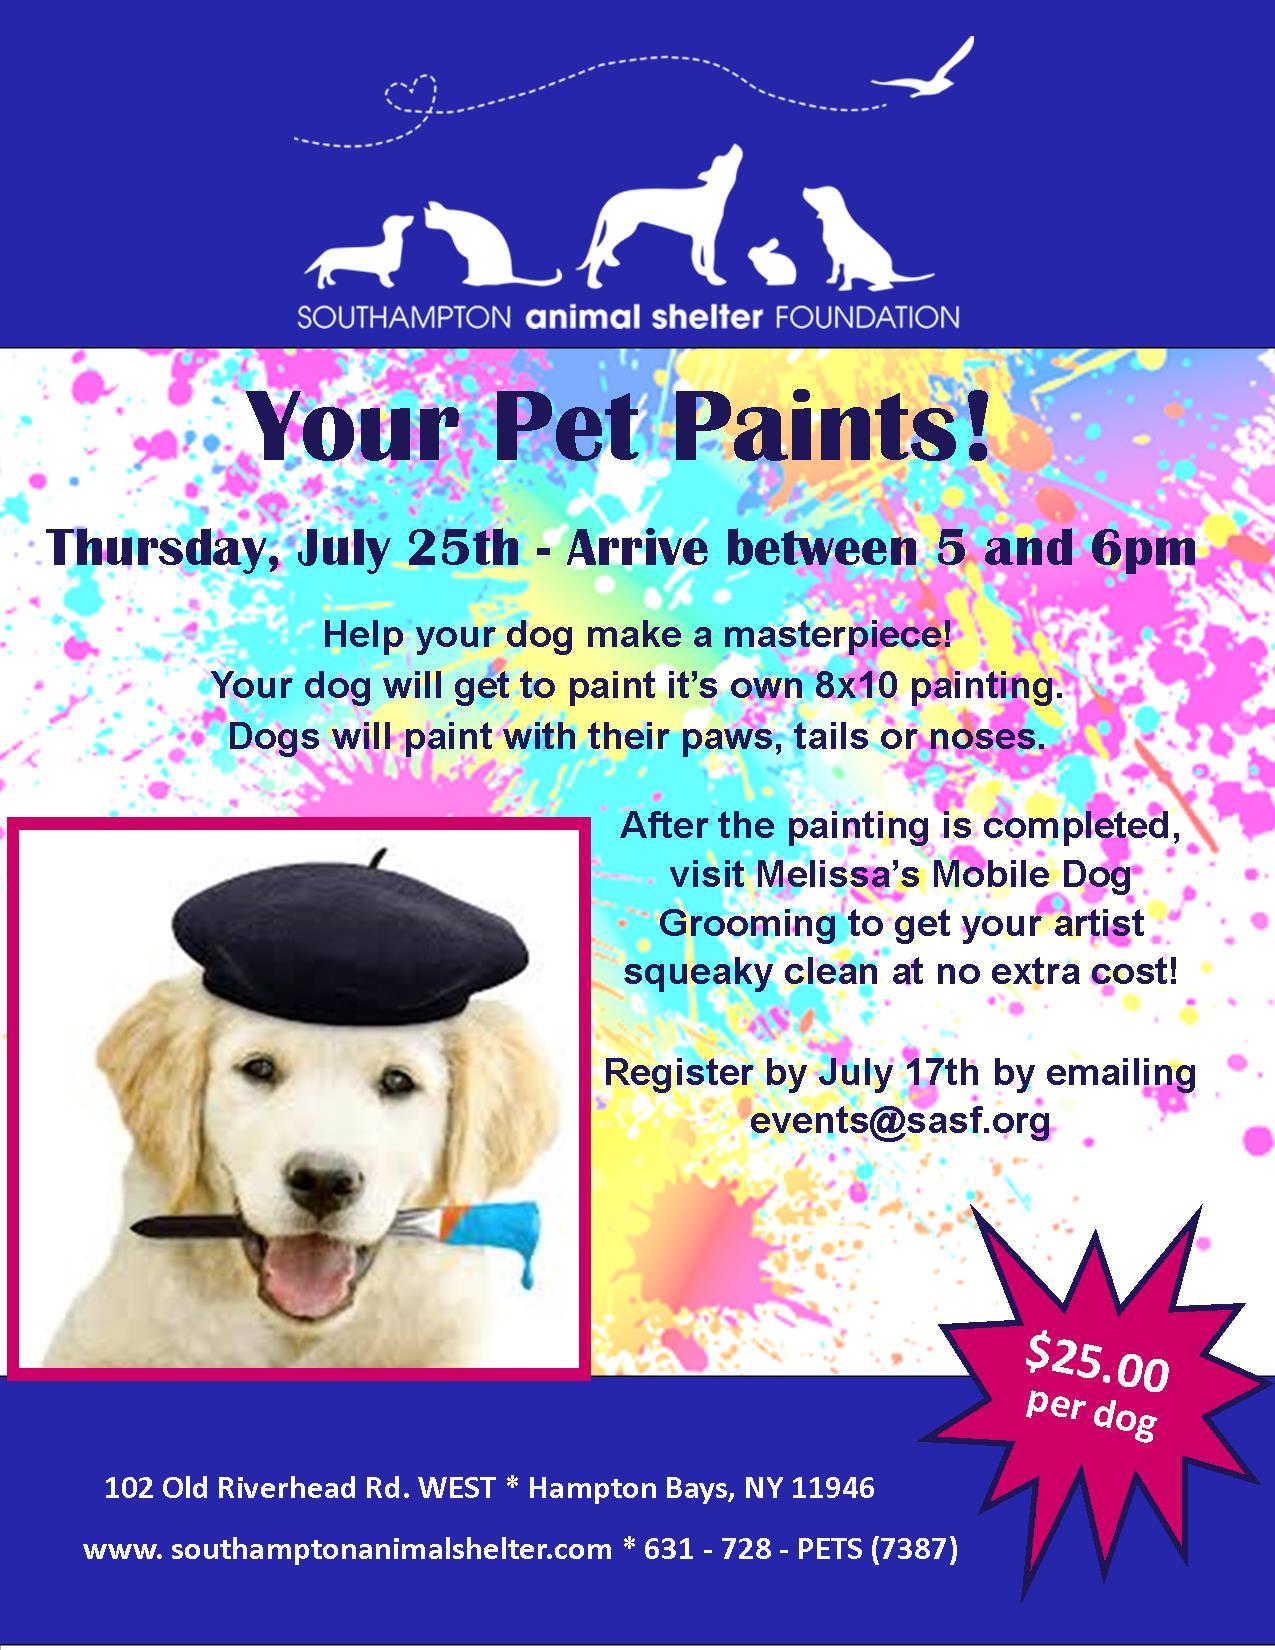 Your Pet Paints!